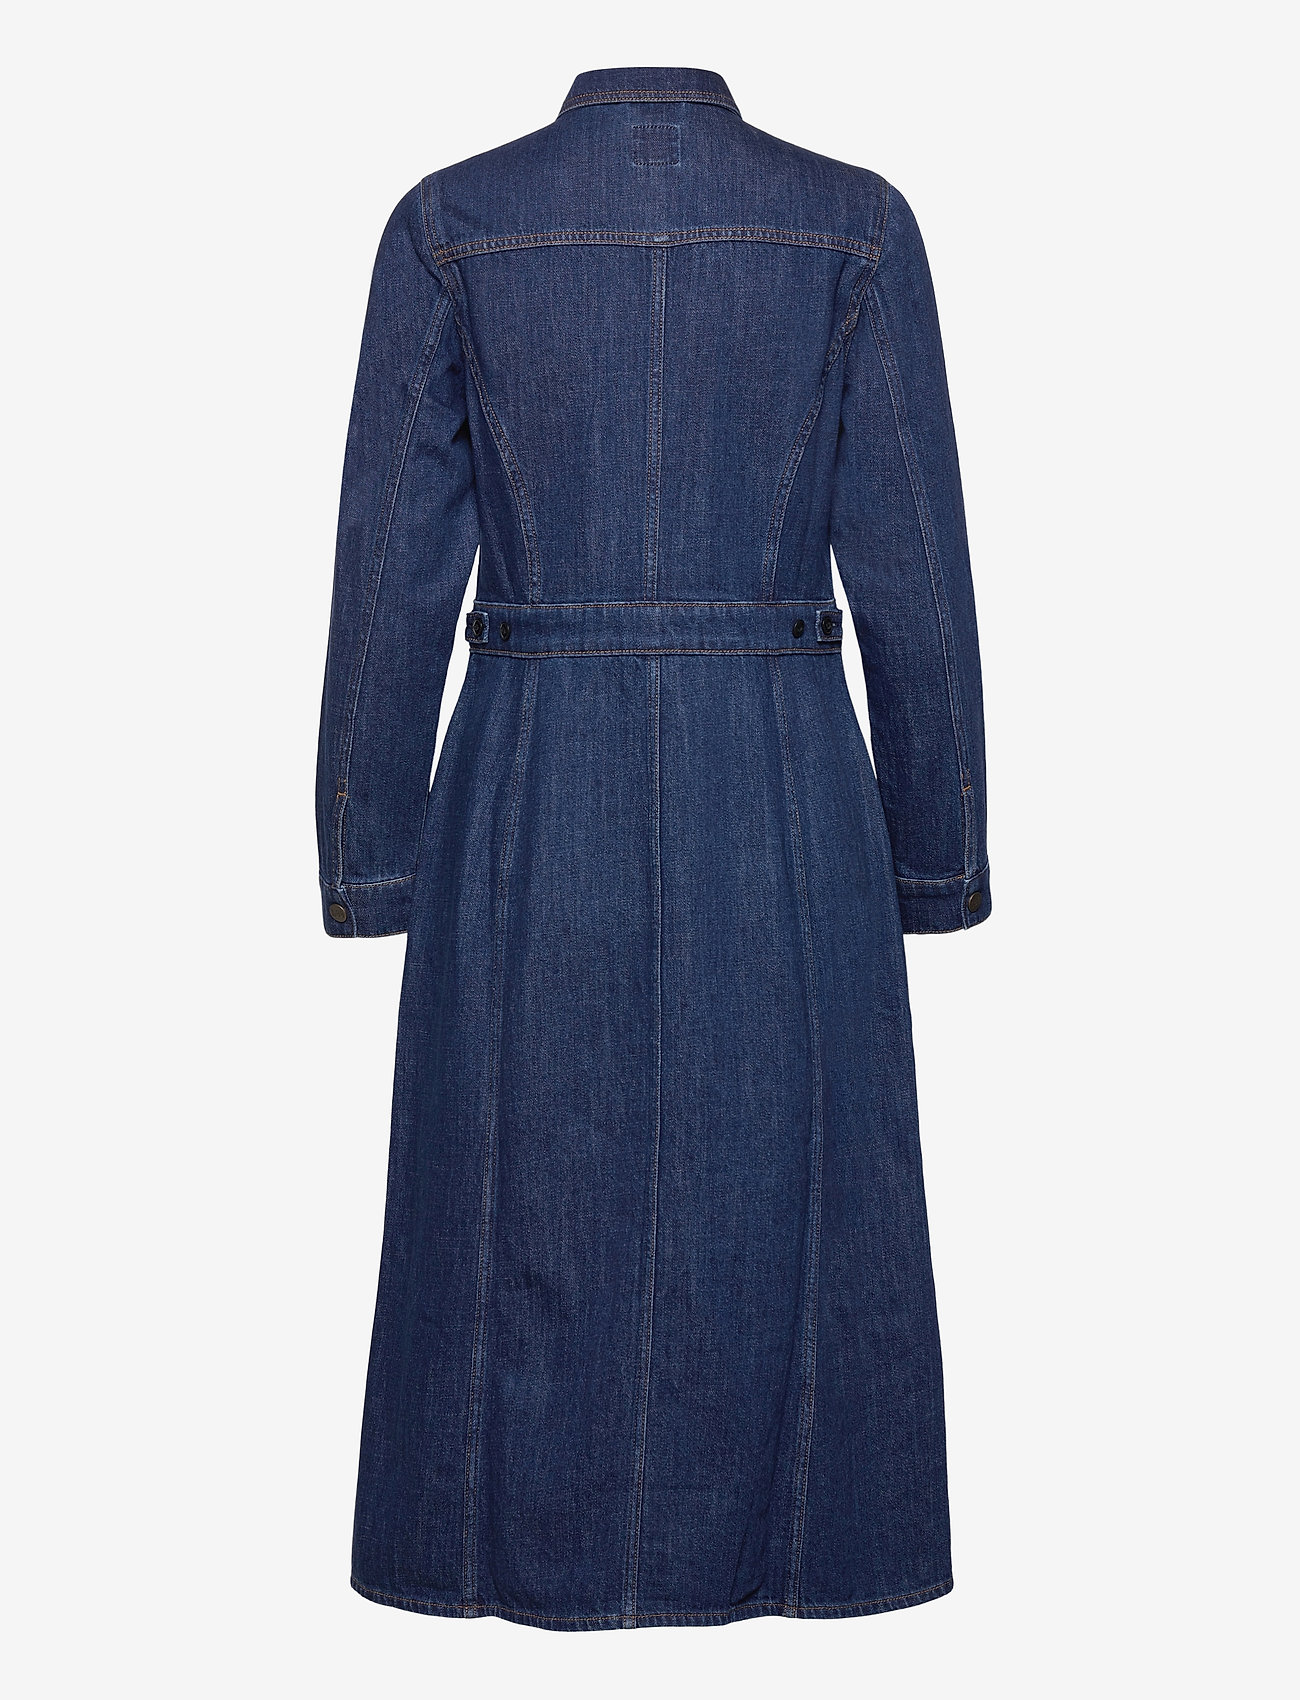 Lee Jeans - LONGSLEEVE DRESS - blousejurken - rinse - 1